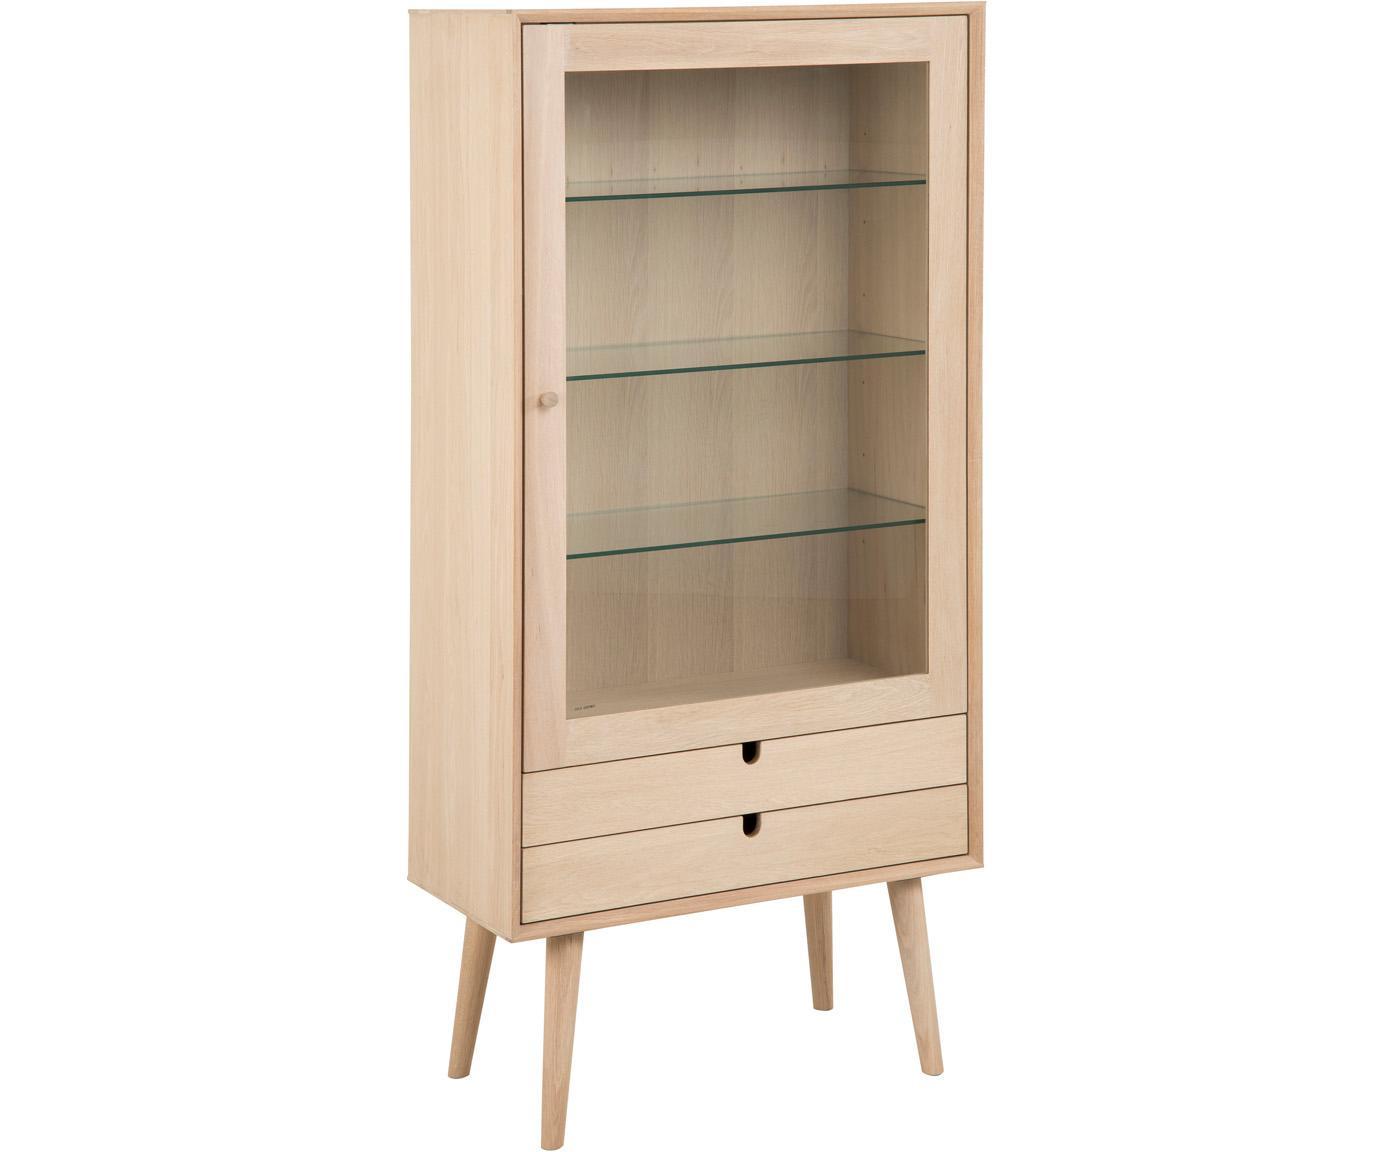 Eichenholz-Vitrine Century im Skandi Design, Beine: Eichenholz, weiß pigmenti, Eichenholz, Transparent, 72 x 143 cm